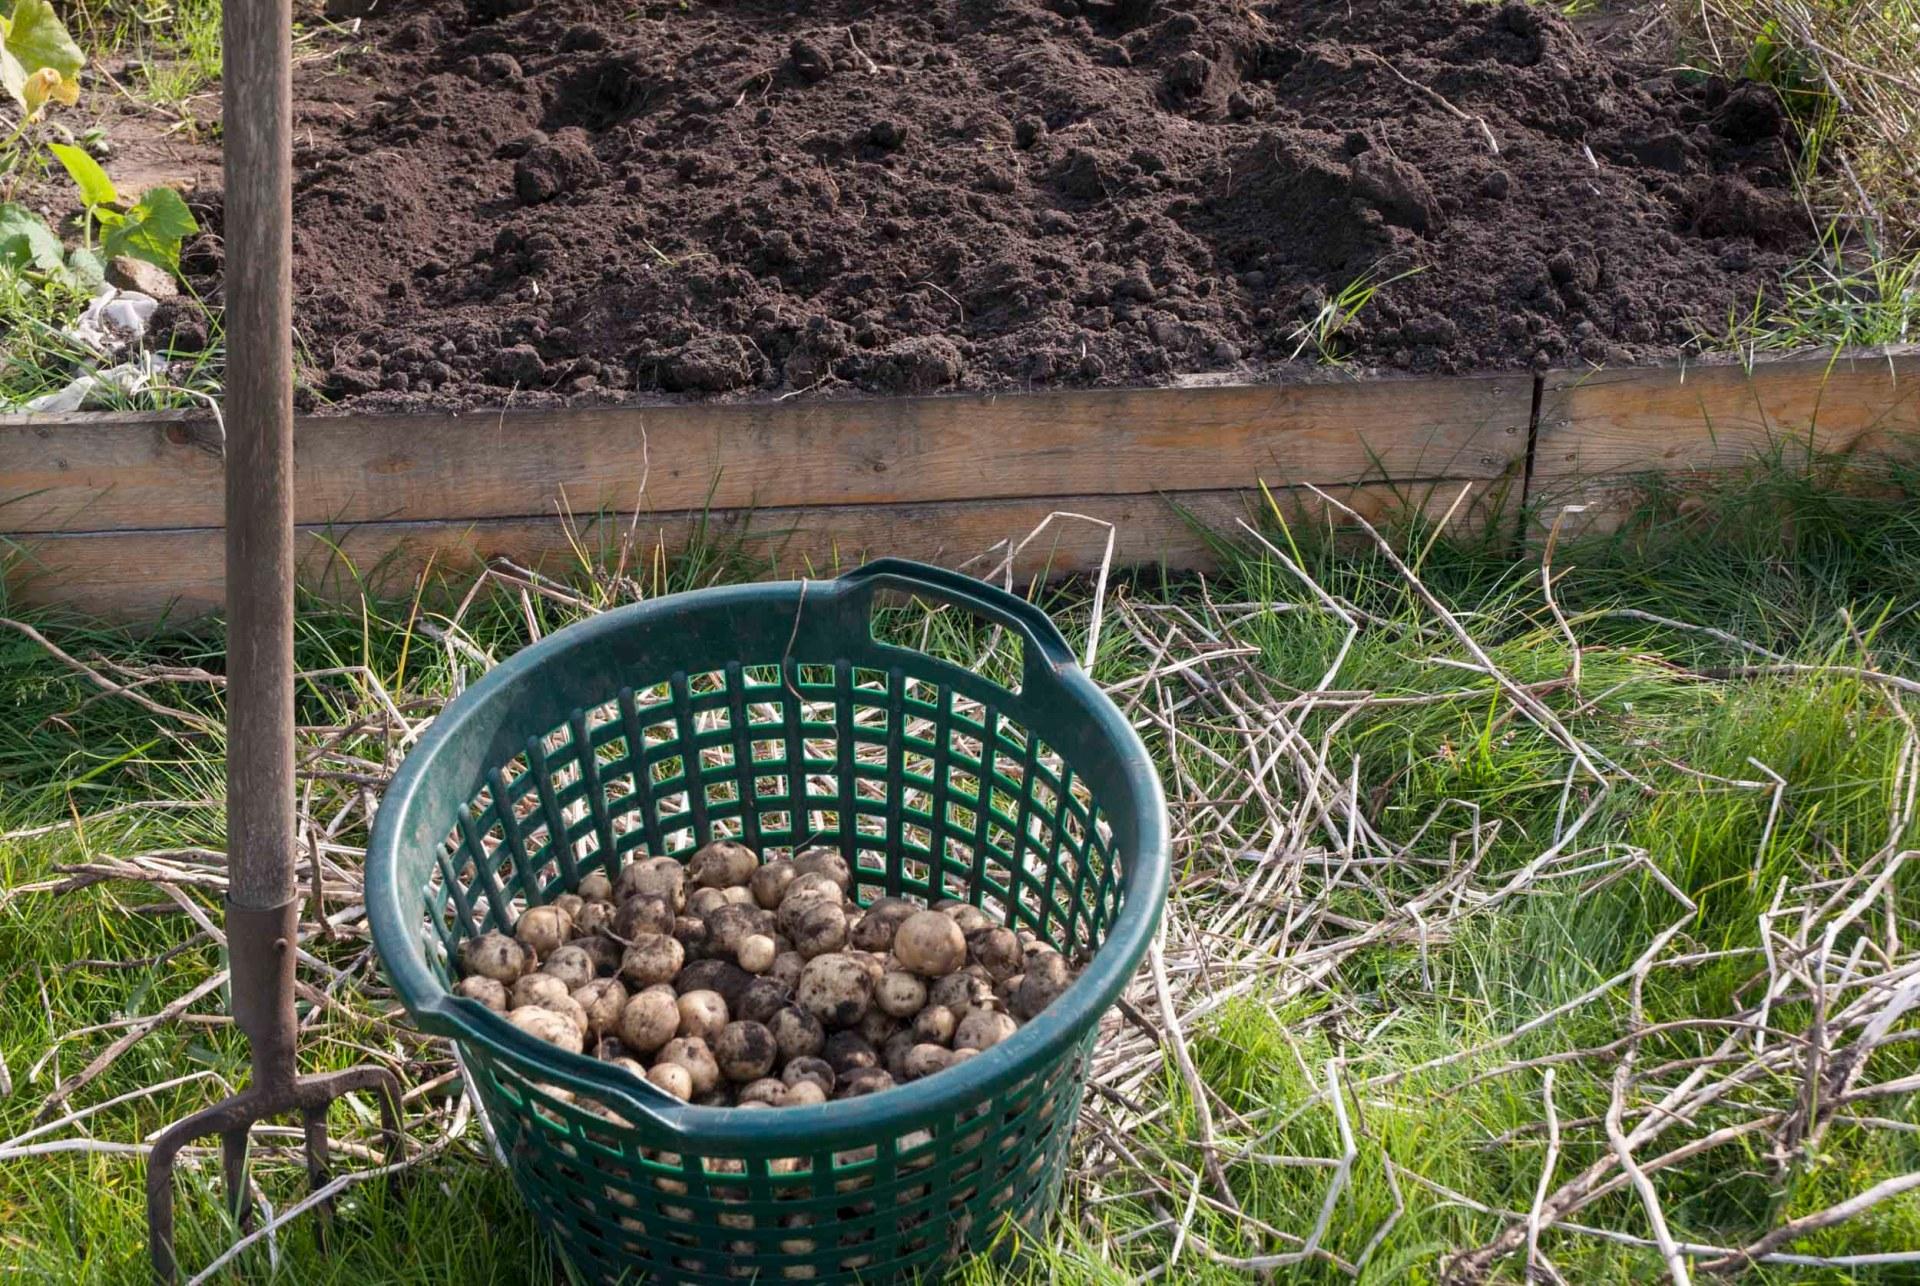 Bild von der Kartoffelernte: Eine Grabegabel steckt neben einerm Korb voller frisch geernteter Kartoffeln im Boden.